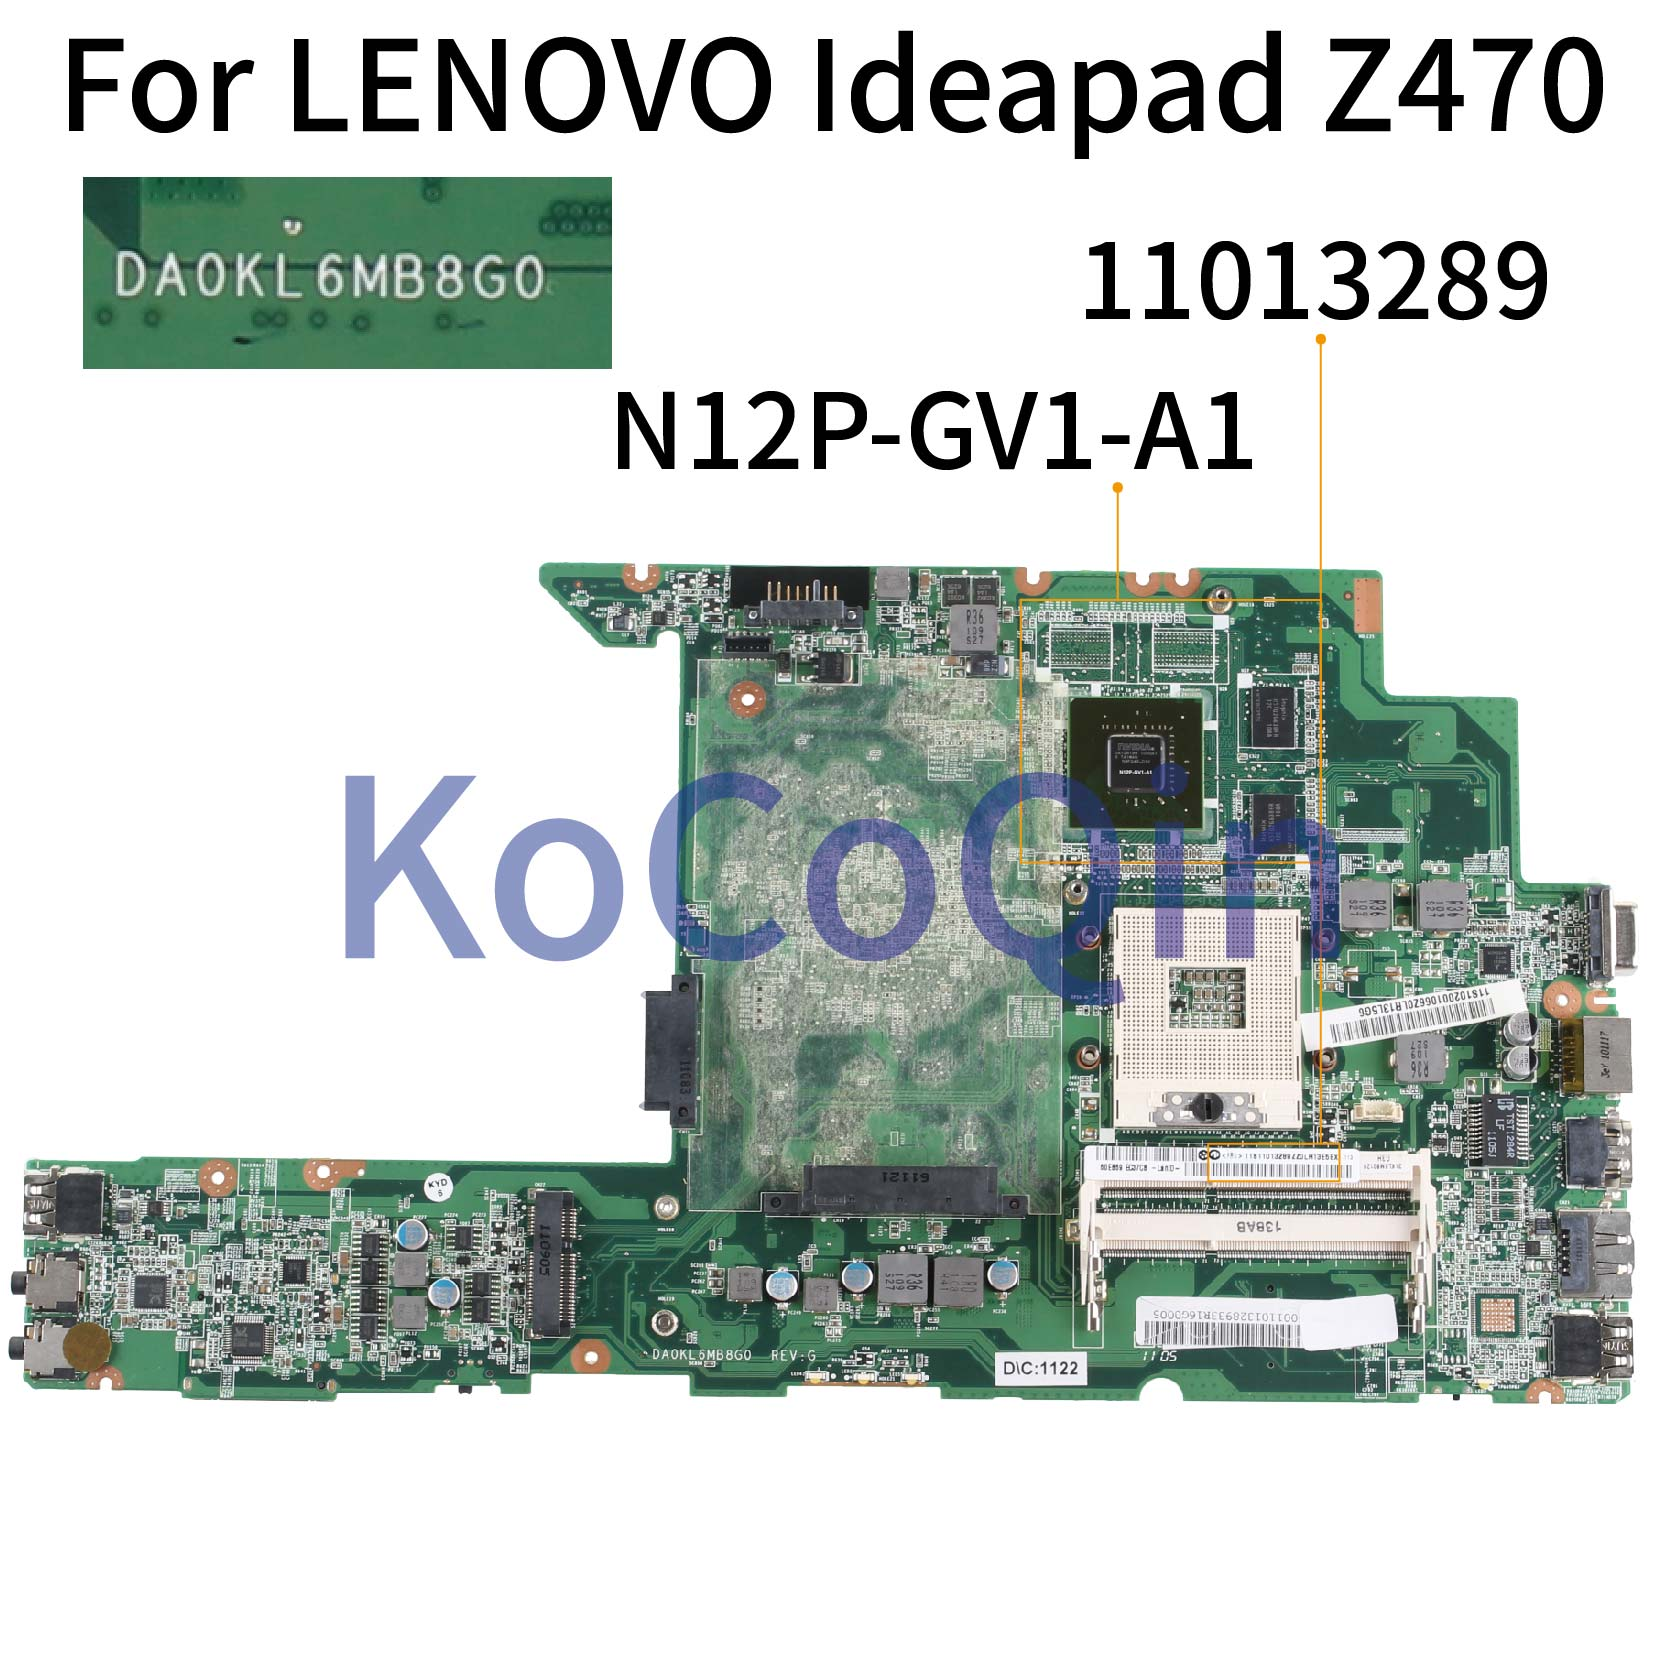 KoCoQin Laptop płyta główna dla lenovo Ideapad Z470 GT520M płyty głównej płyta główna DA0KL6MB8G0 N12P GV1 A1 HM65 w Płyty główne do laptopów od Komputer i biuro na